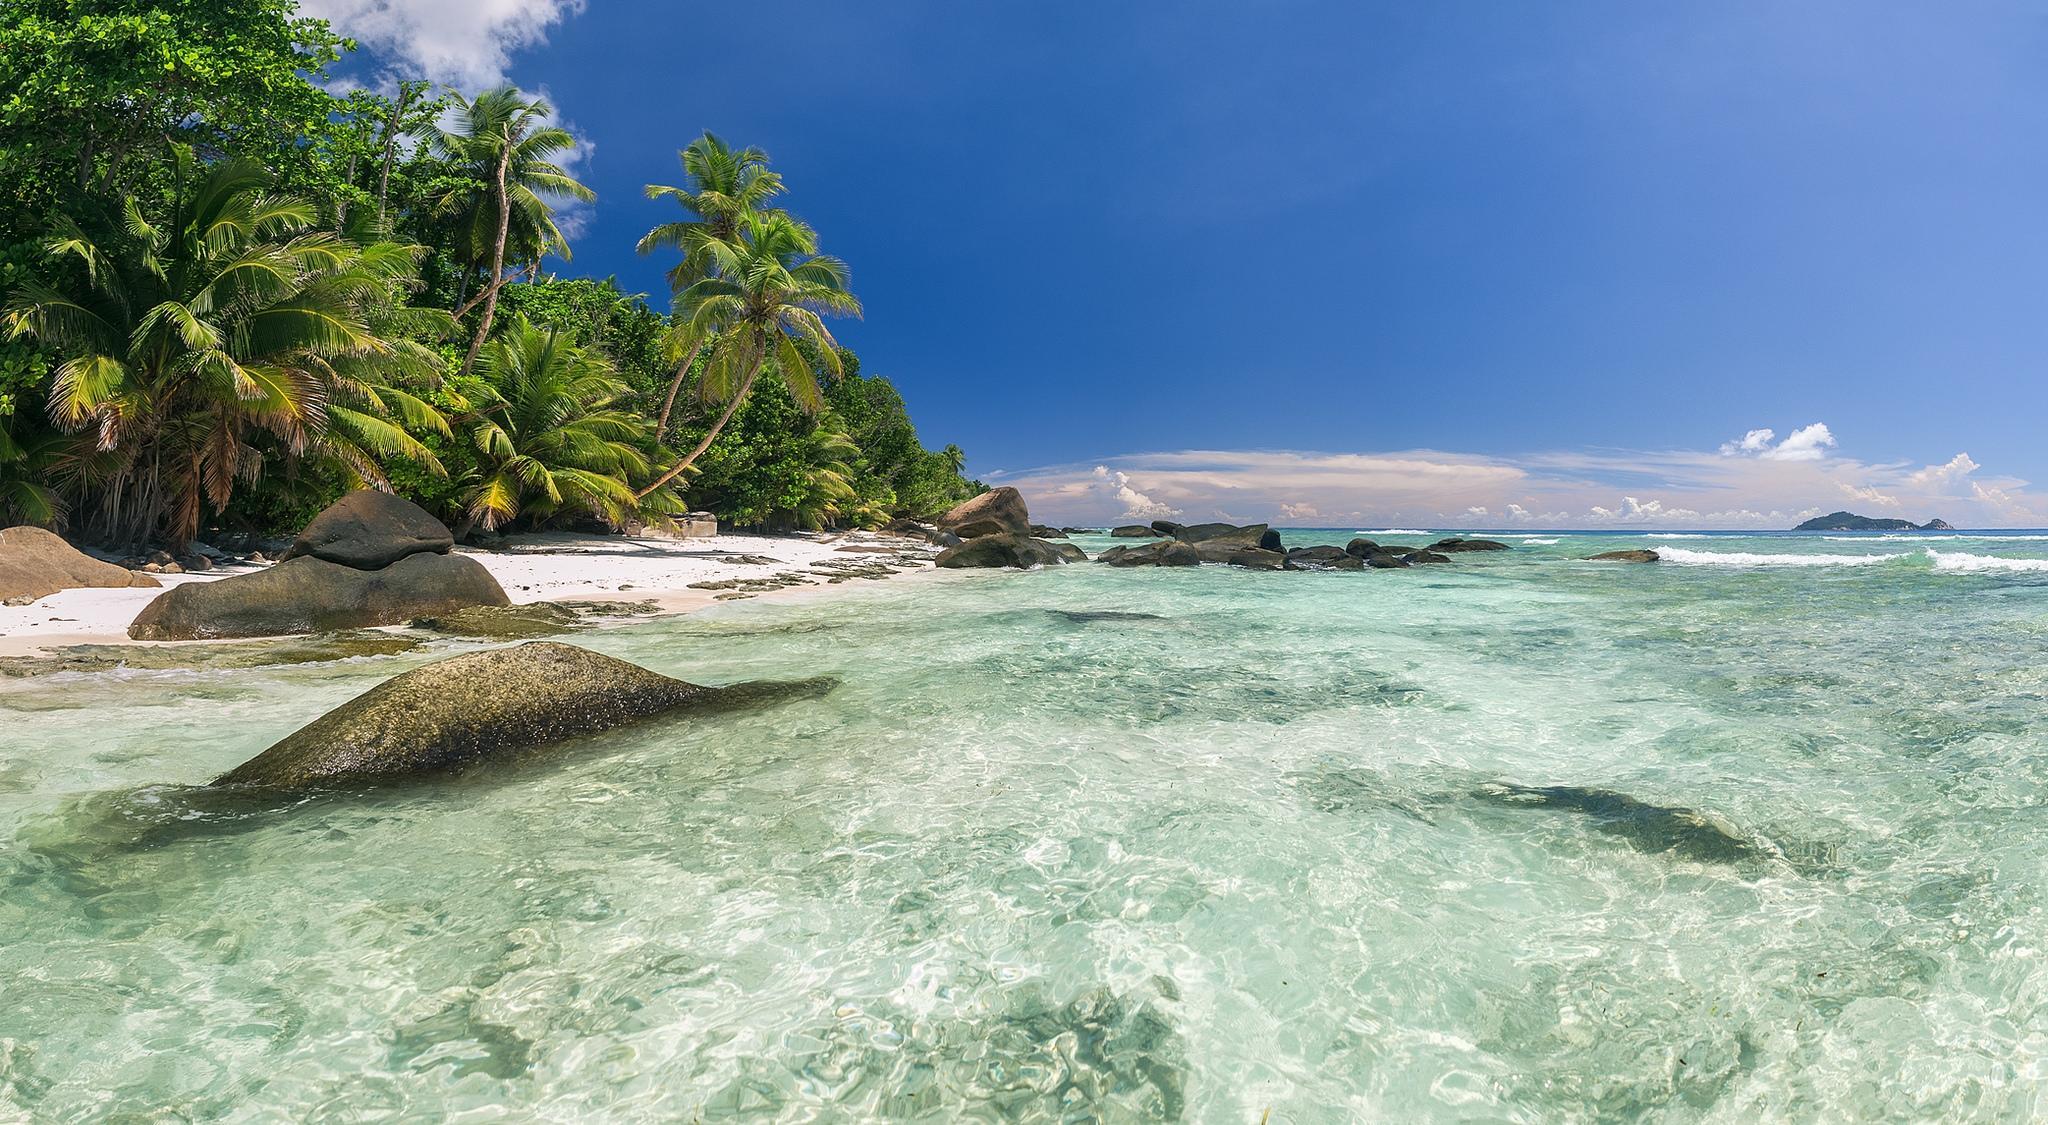 берег камни пальмы shore stones palm trees  № 792036 загрузить